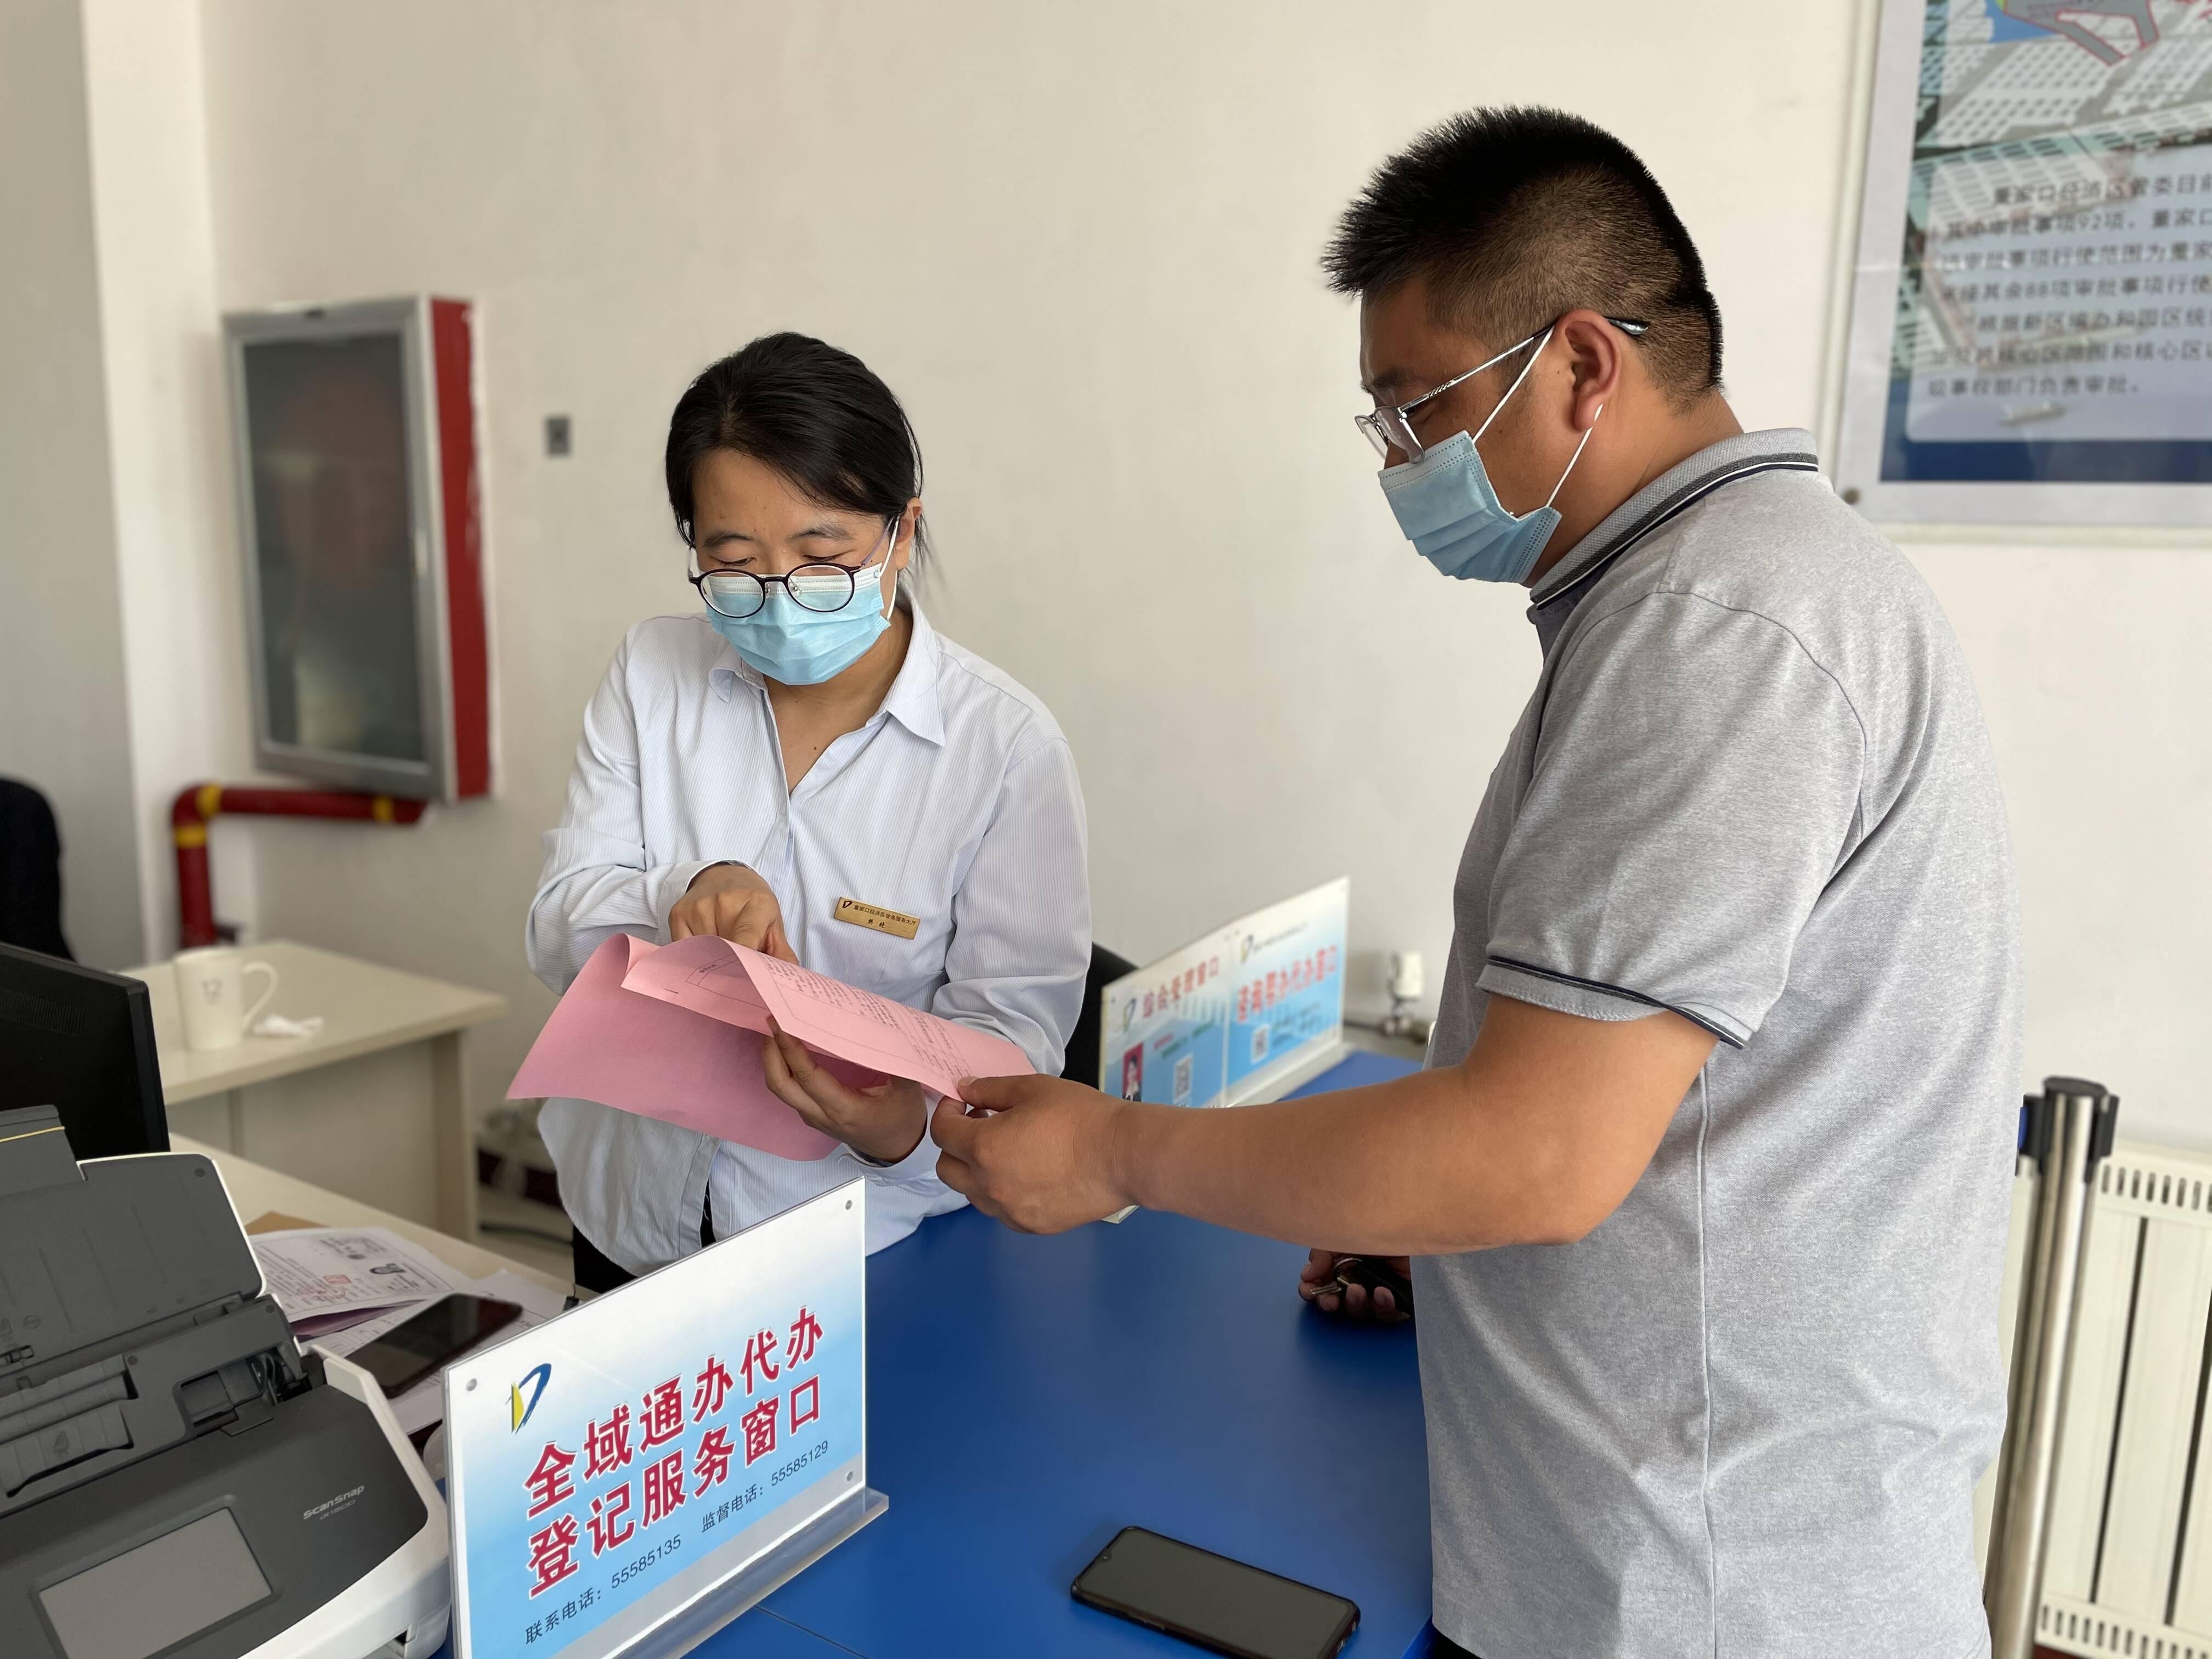 政务服务大厅工作人员耐心向企业负责人讲解审批流程。